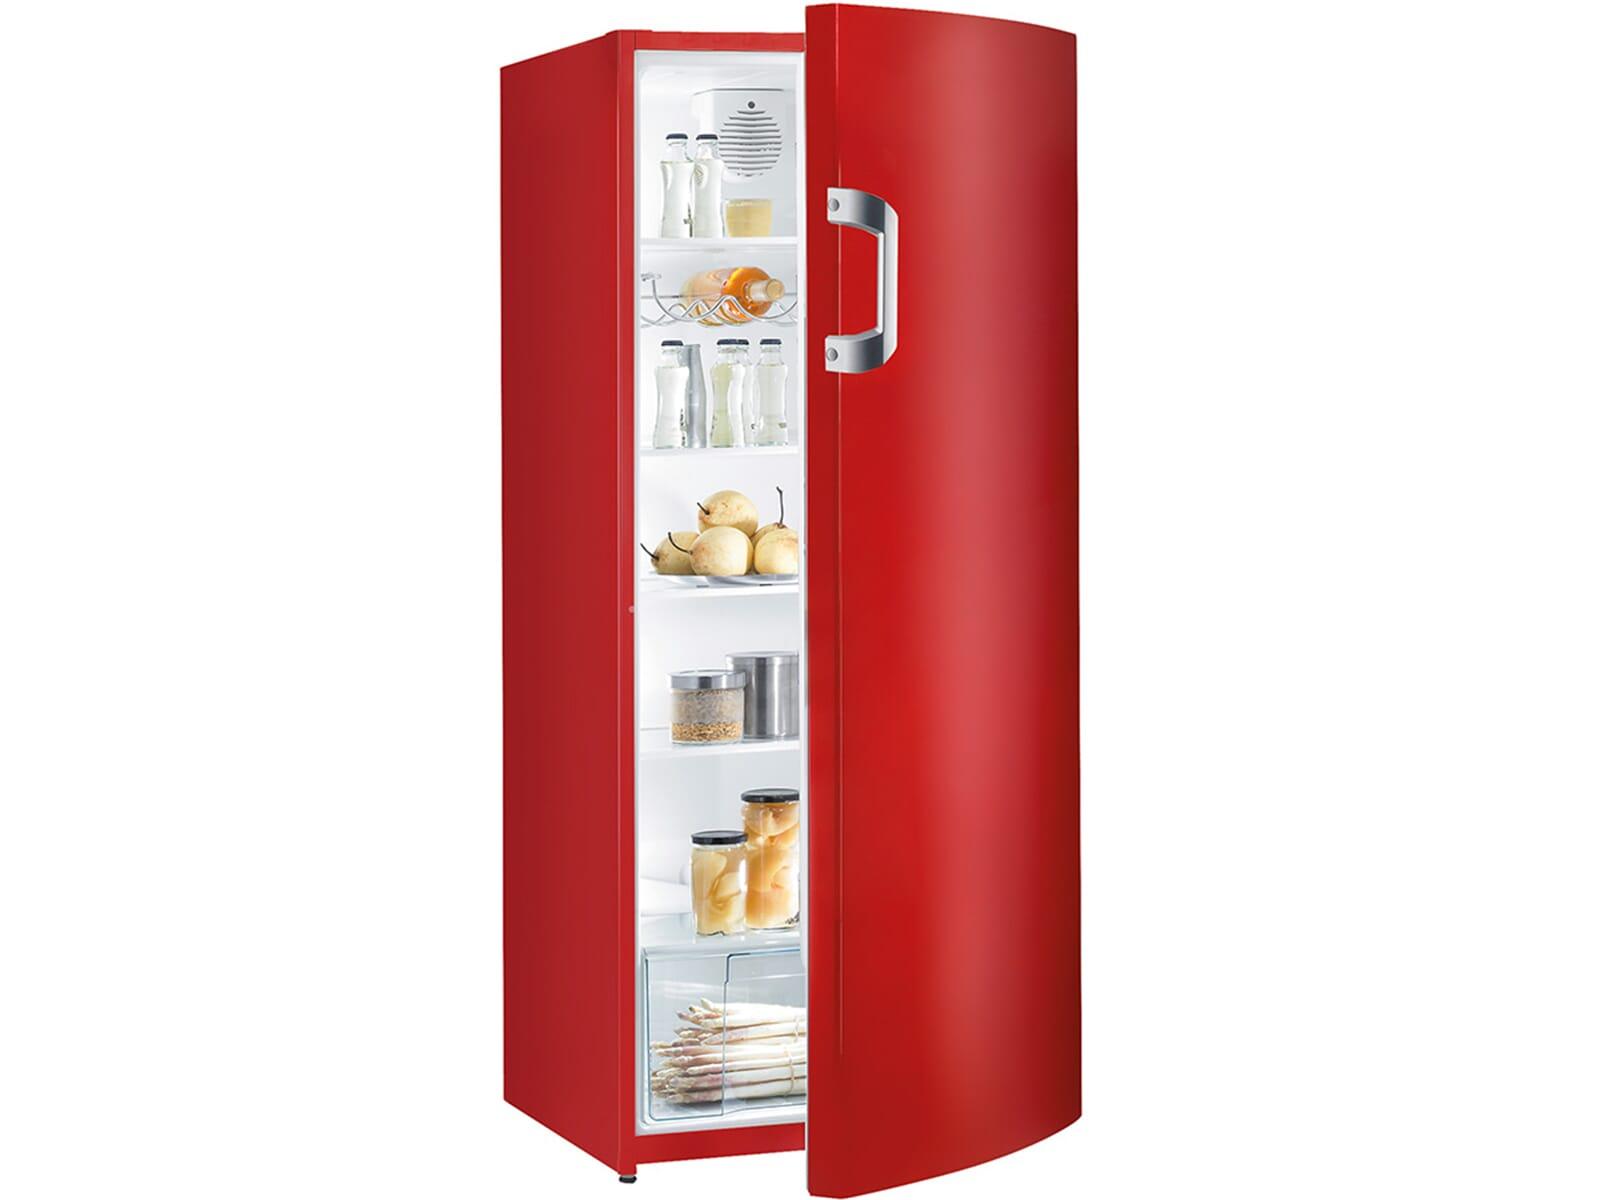 Mini Kühlschrank Mit Schloss : Mini kühlschrank aldi dion debra blog